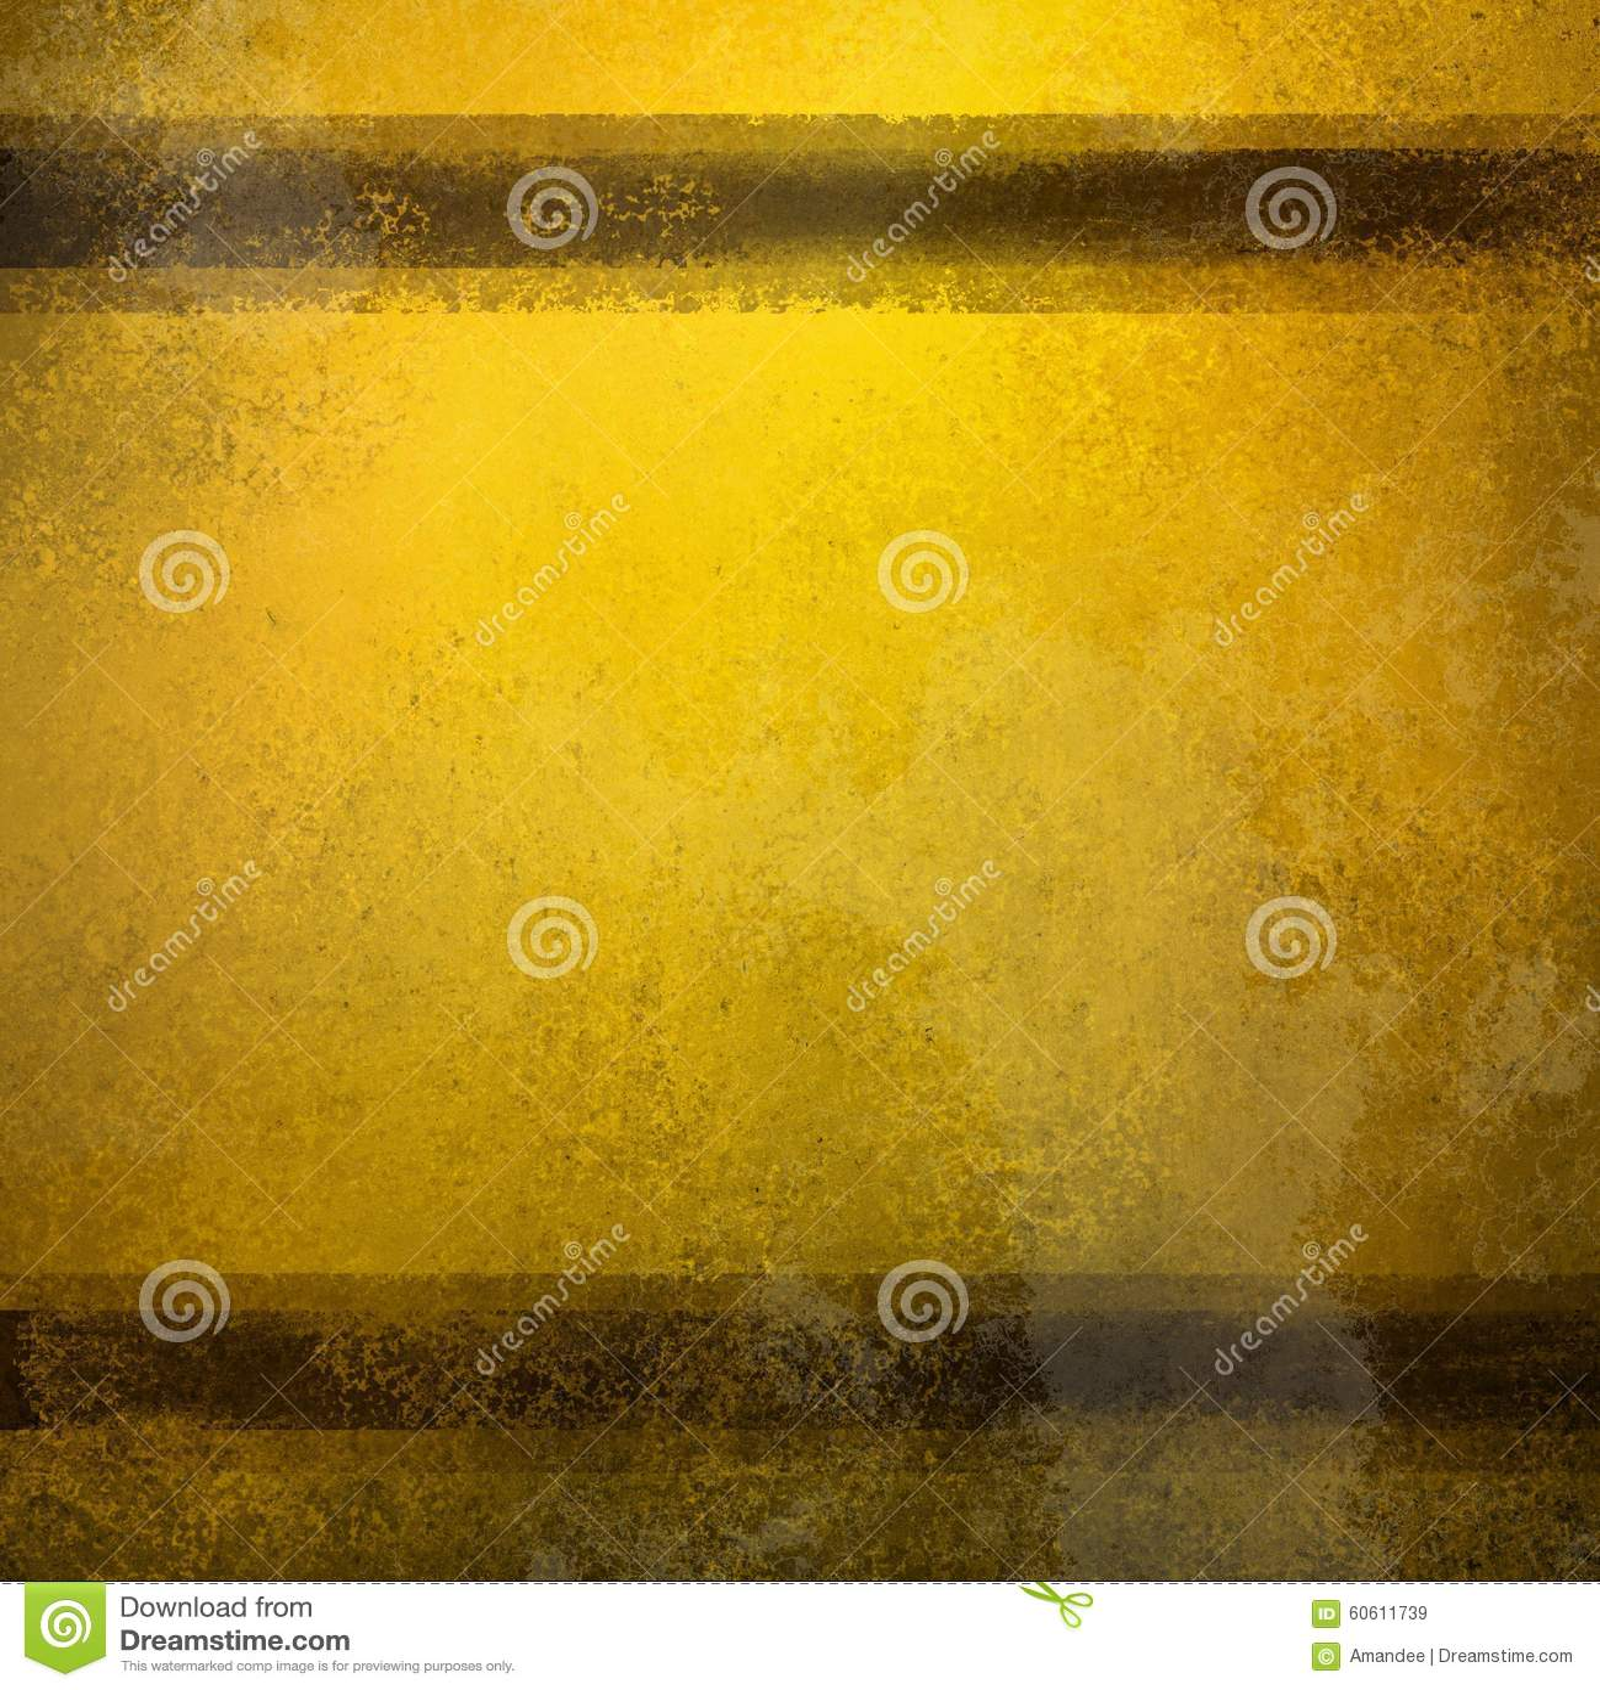 Fundo do ouro do vintage com listras marrons e textura desvanecida velha afligida e manchas